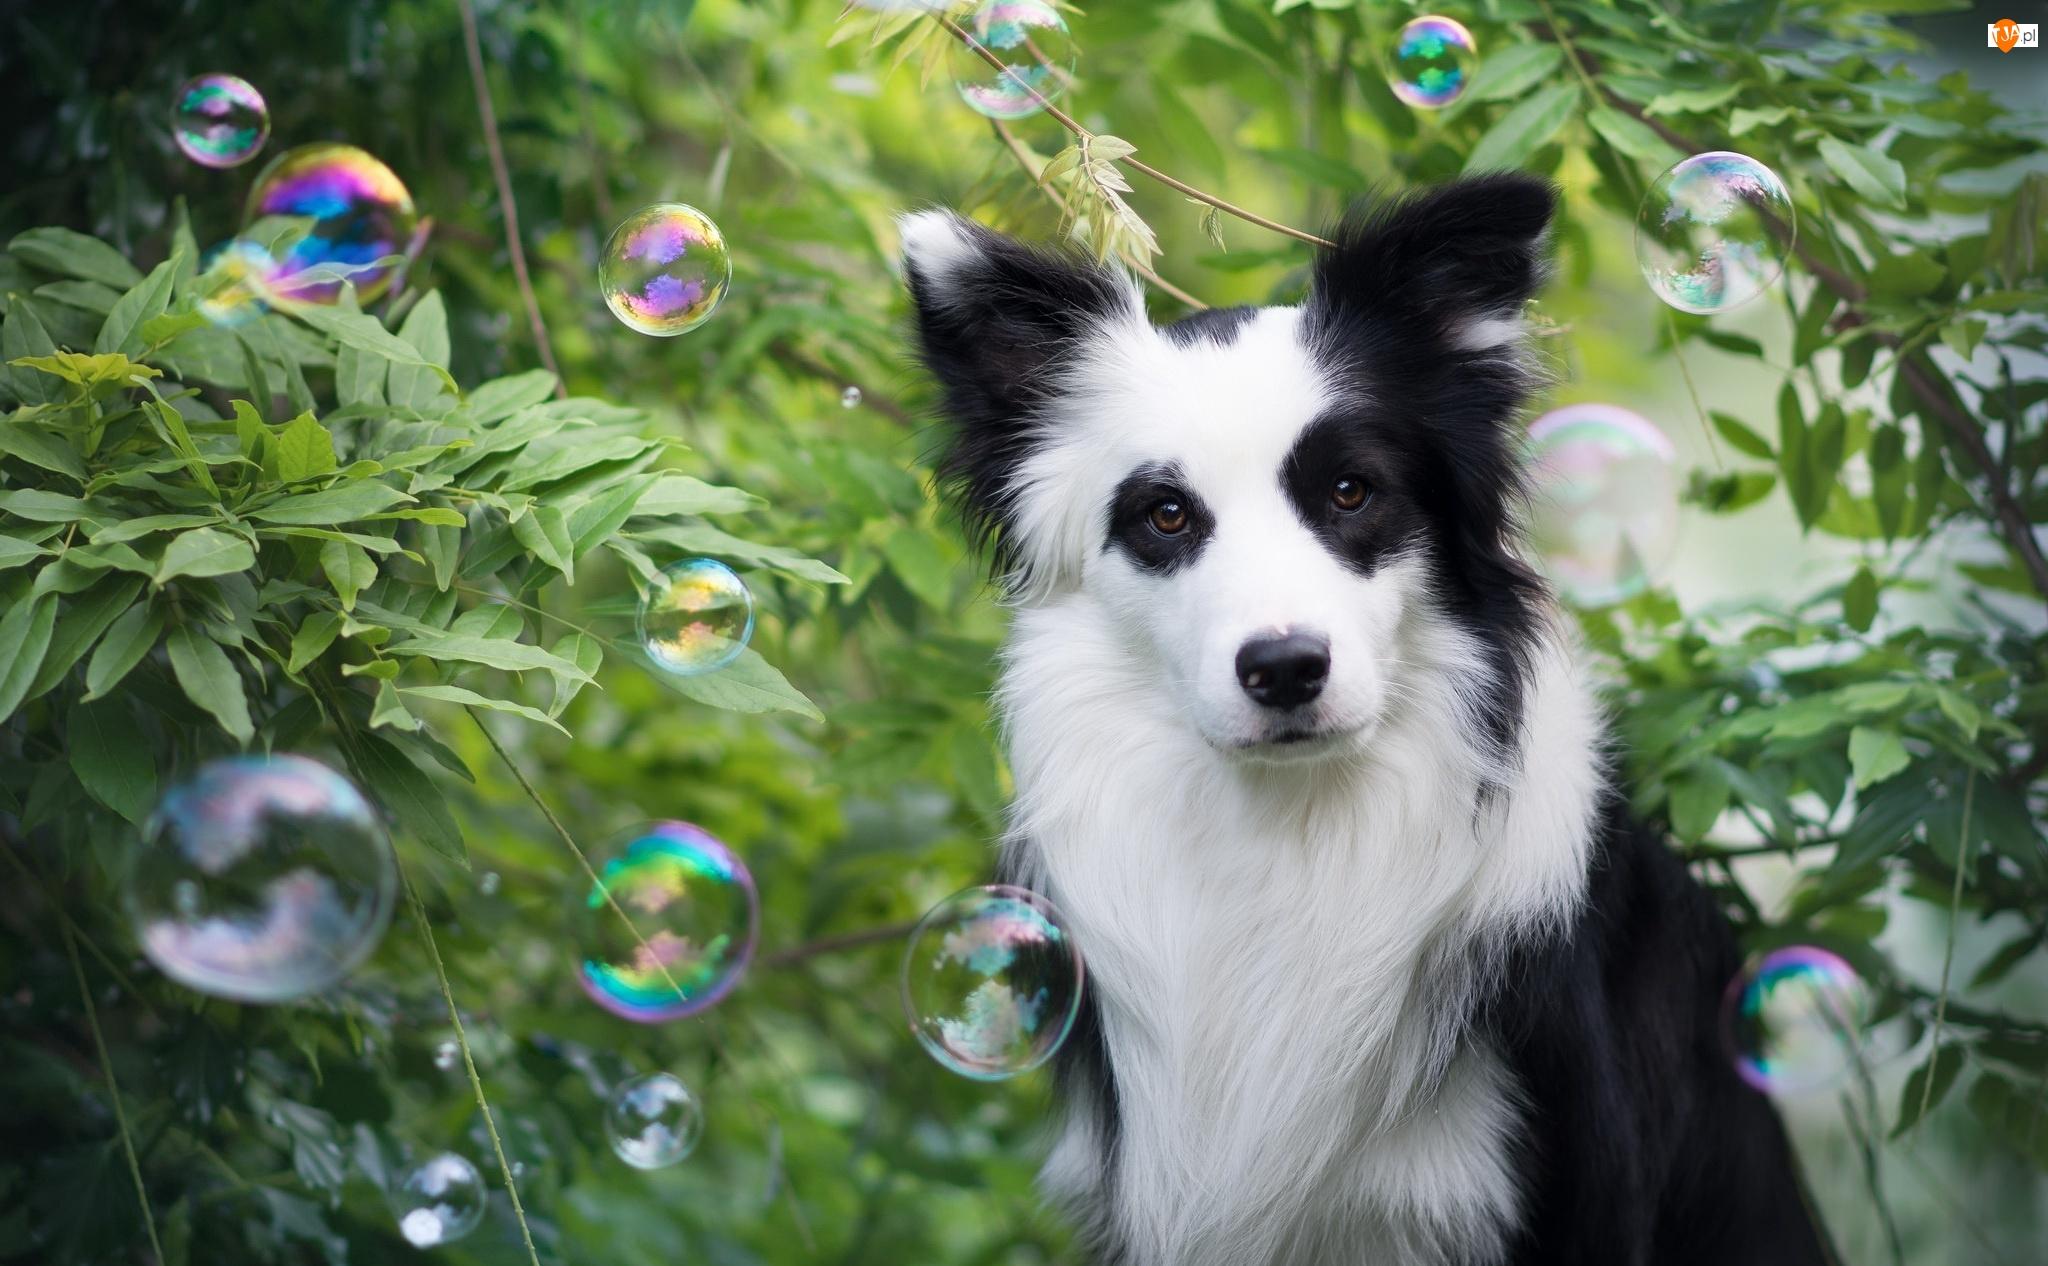 Zarośla, Pies, Border collie, Bańki